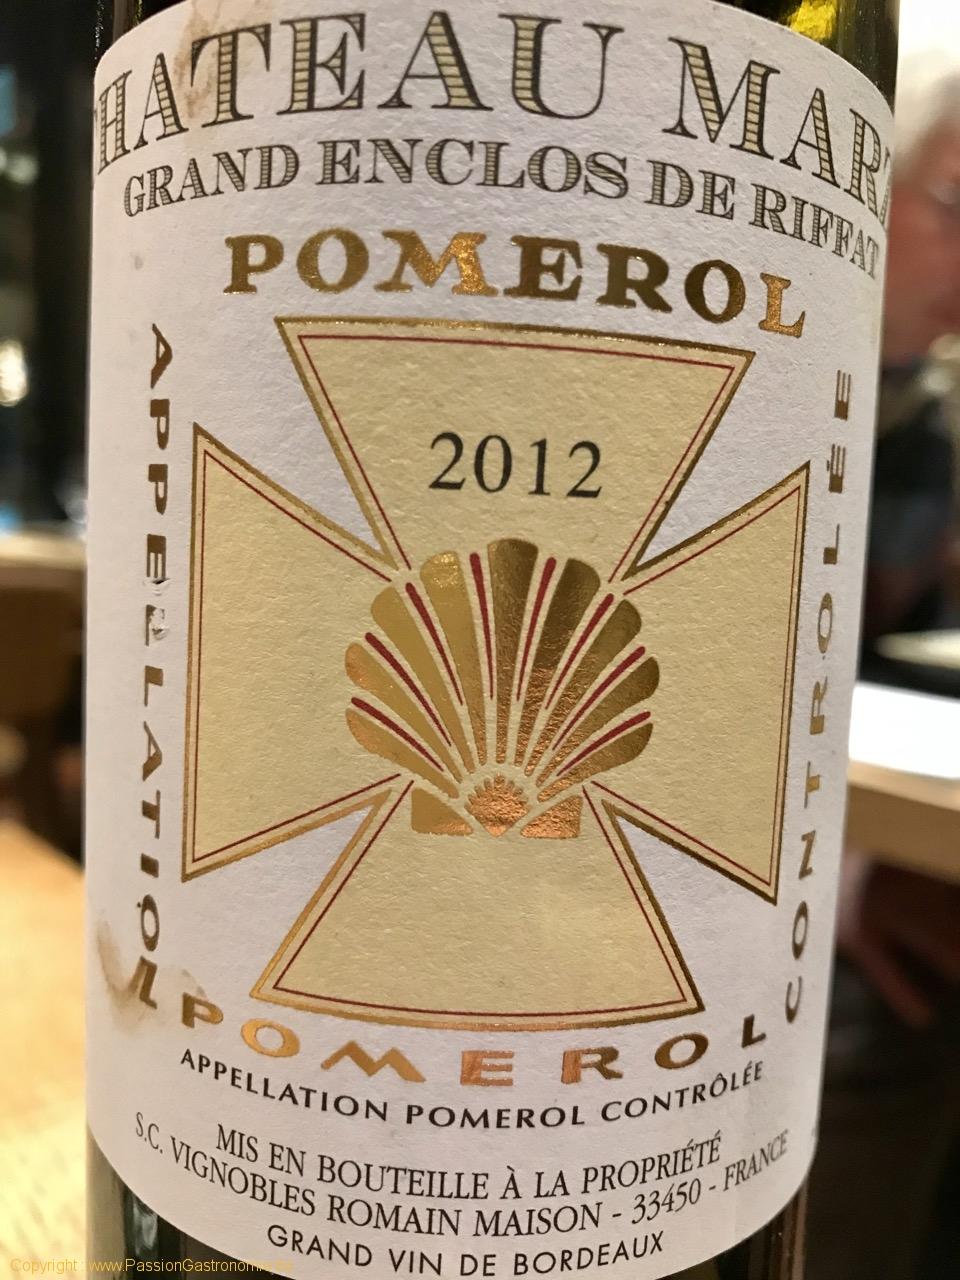 Restaurant Ferme des 4 saisons - Pomerol 2012